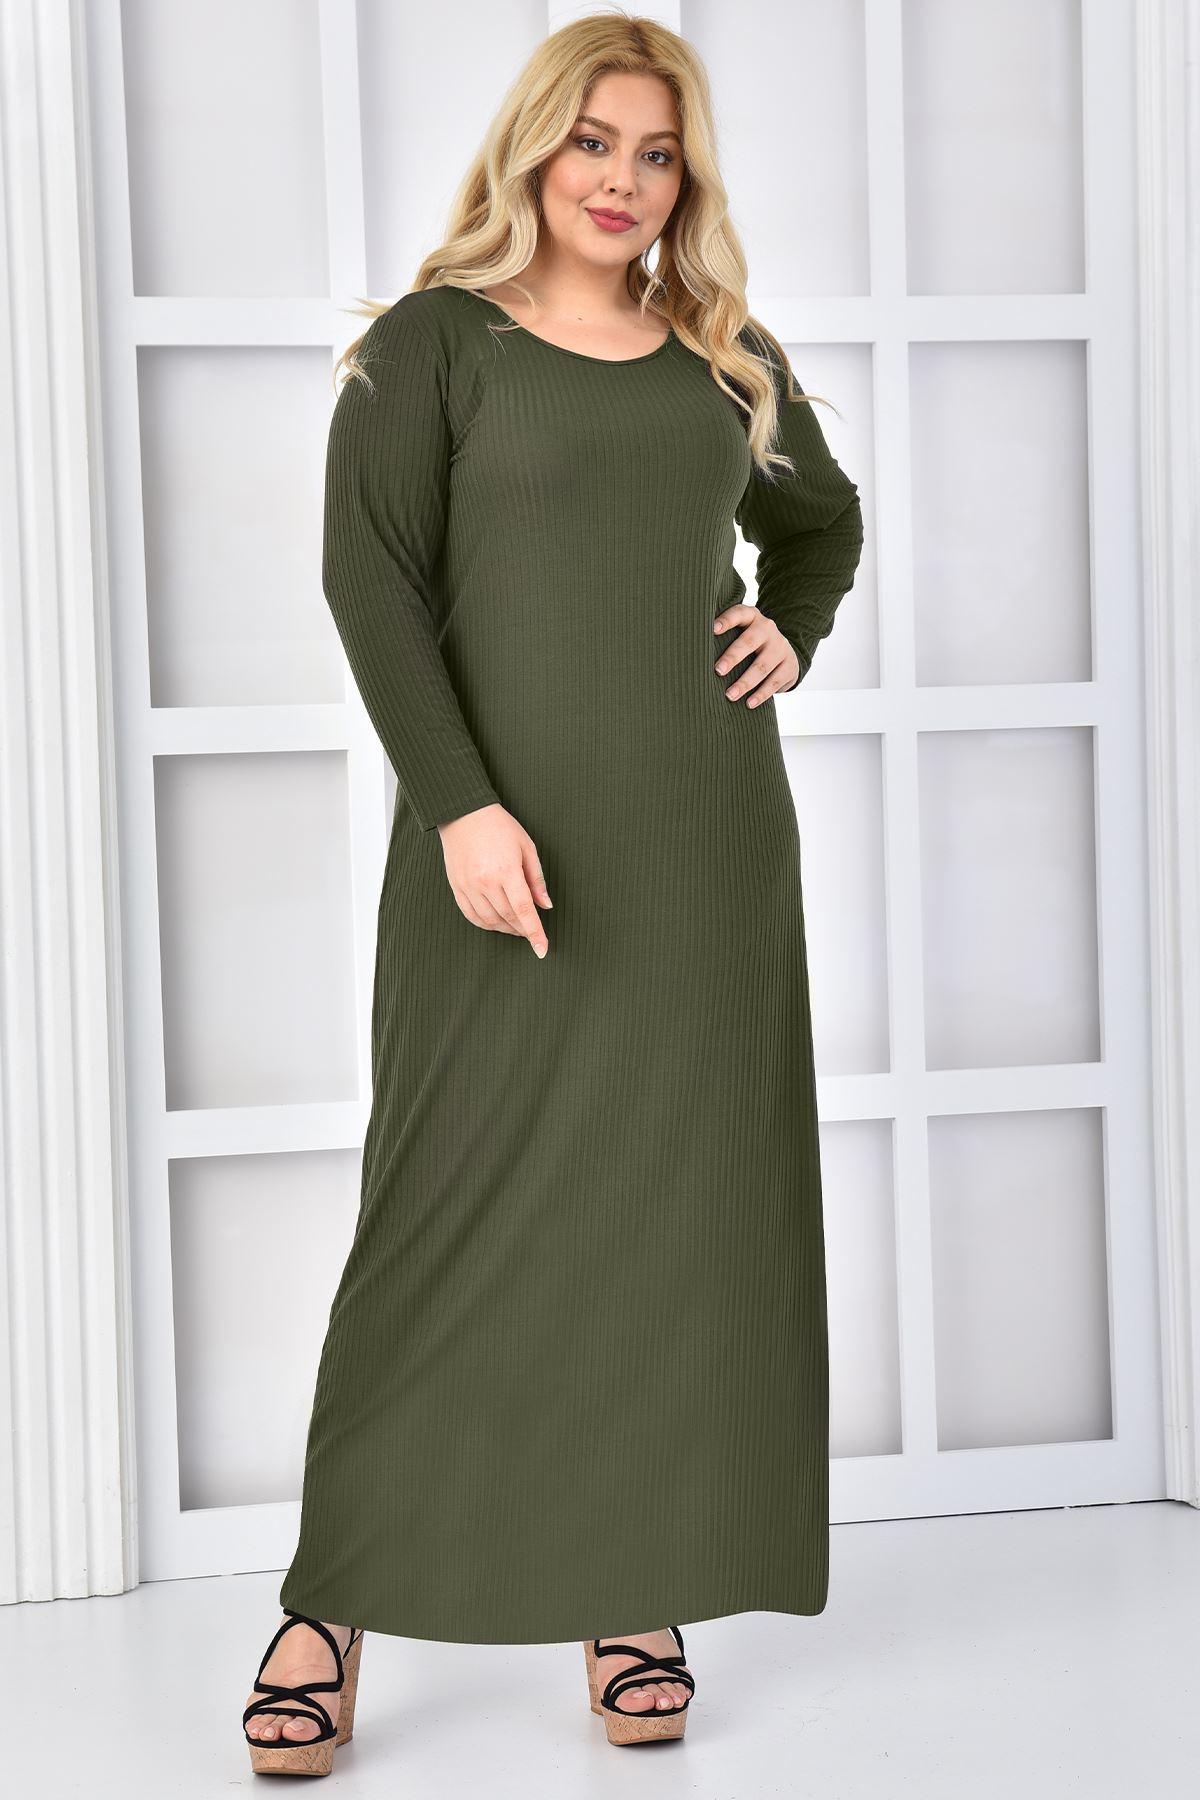 Kadın Haki Büyük Beden Elbise Takım Yelekli